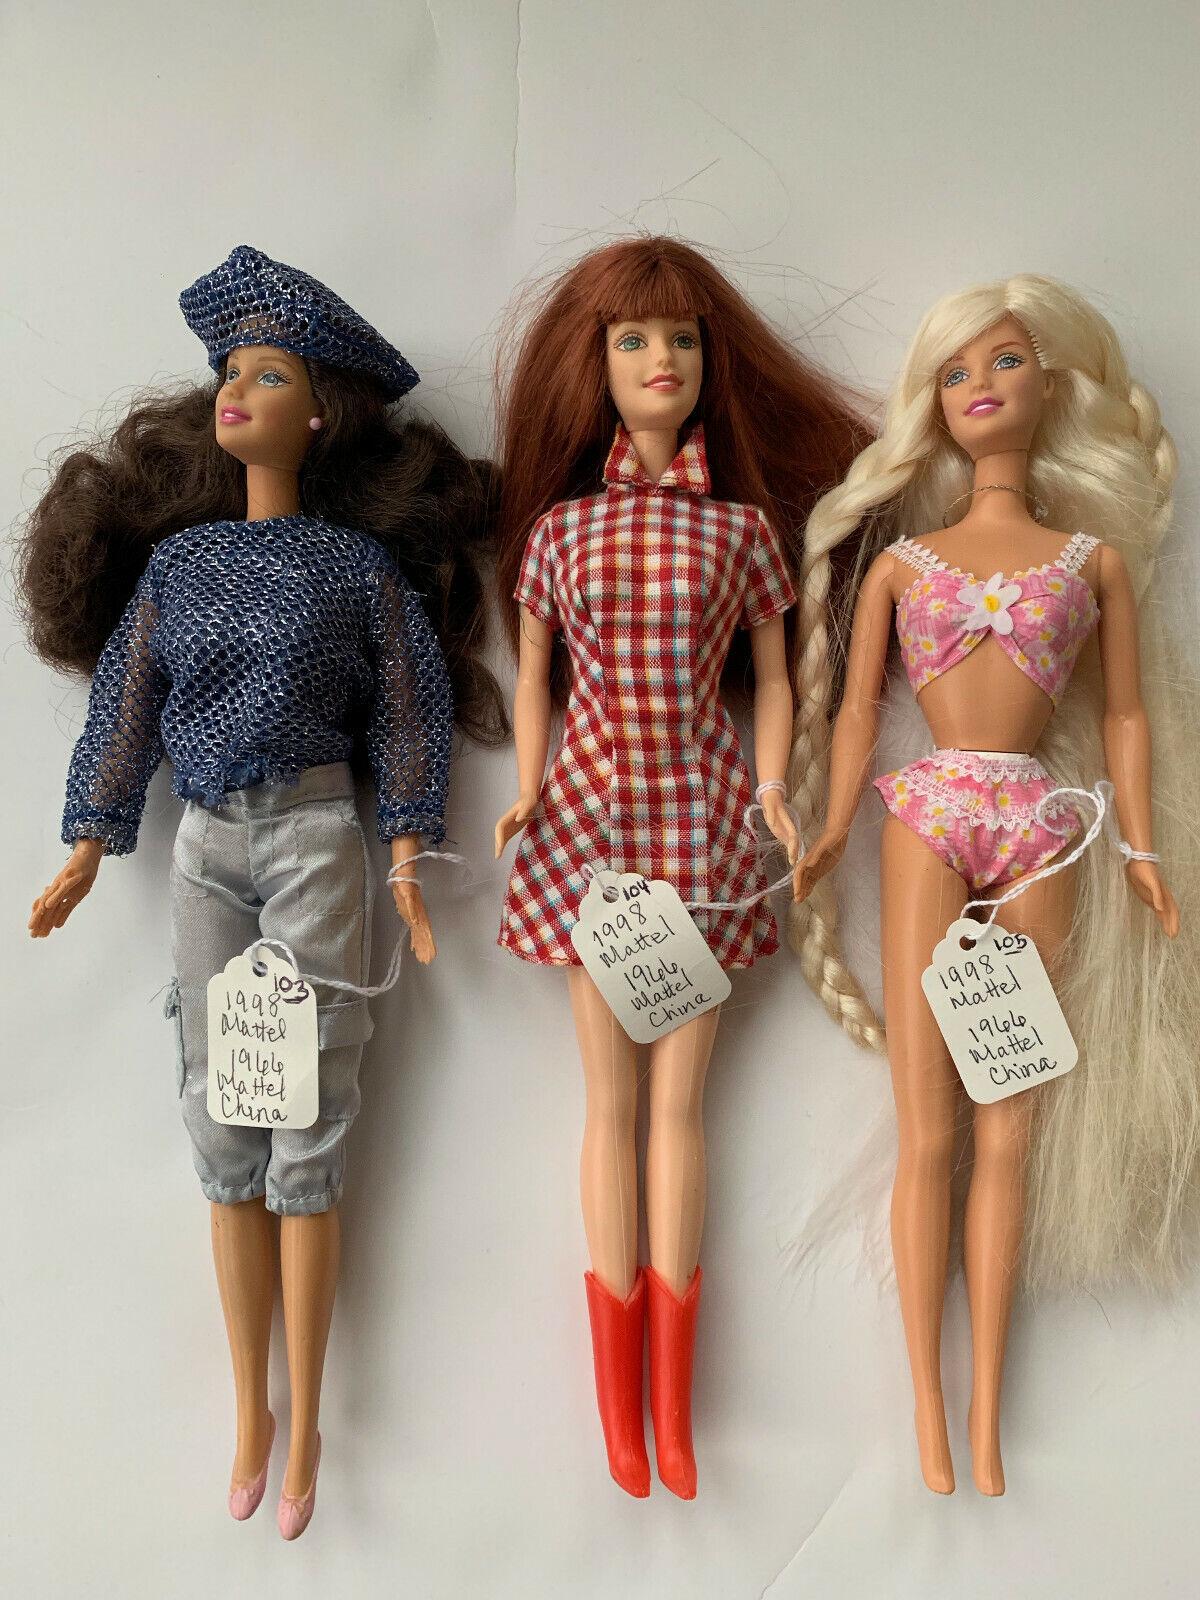 1998 Vintage Mattel Barbie Dolls Authentic  - $27.95